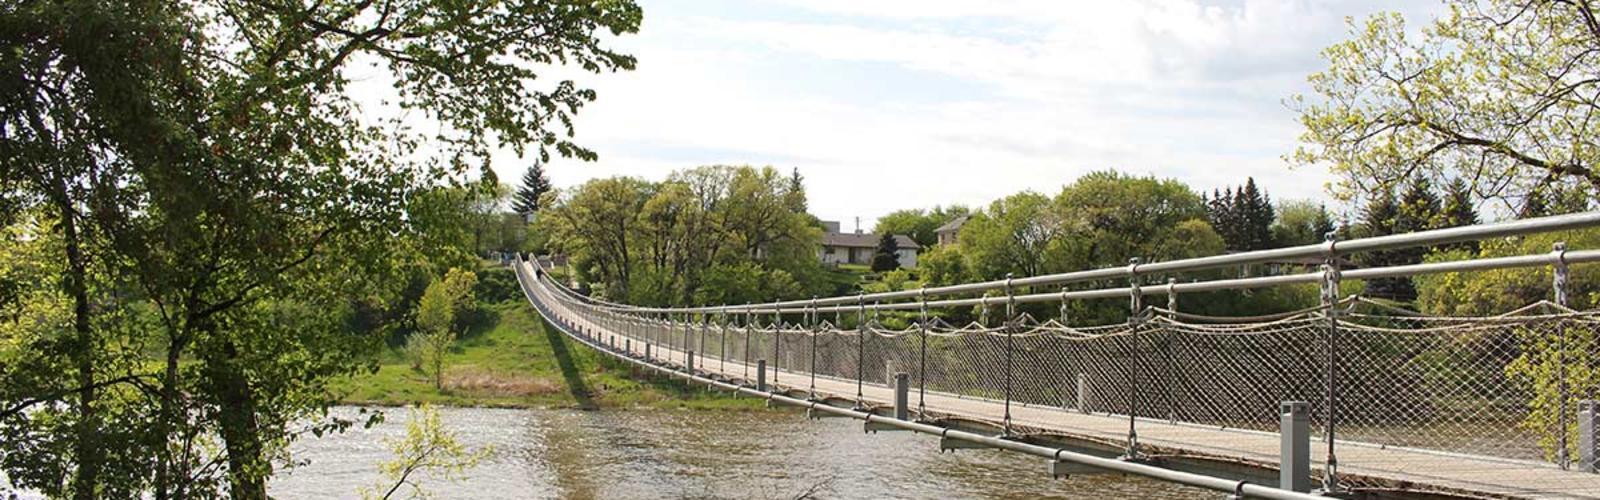 Swinging bridge pictures